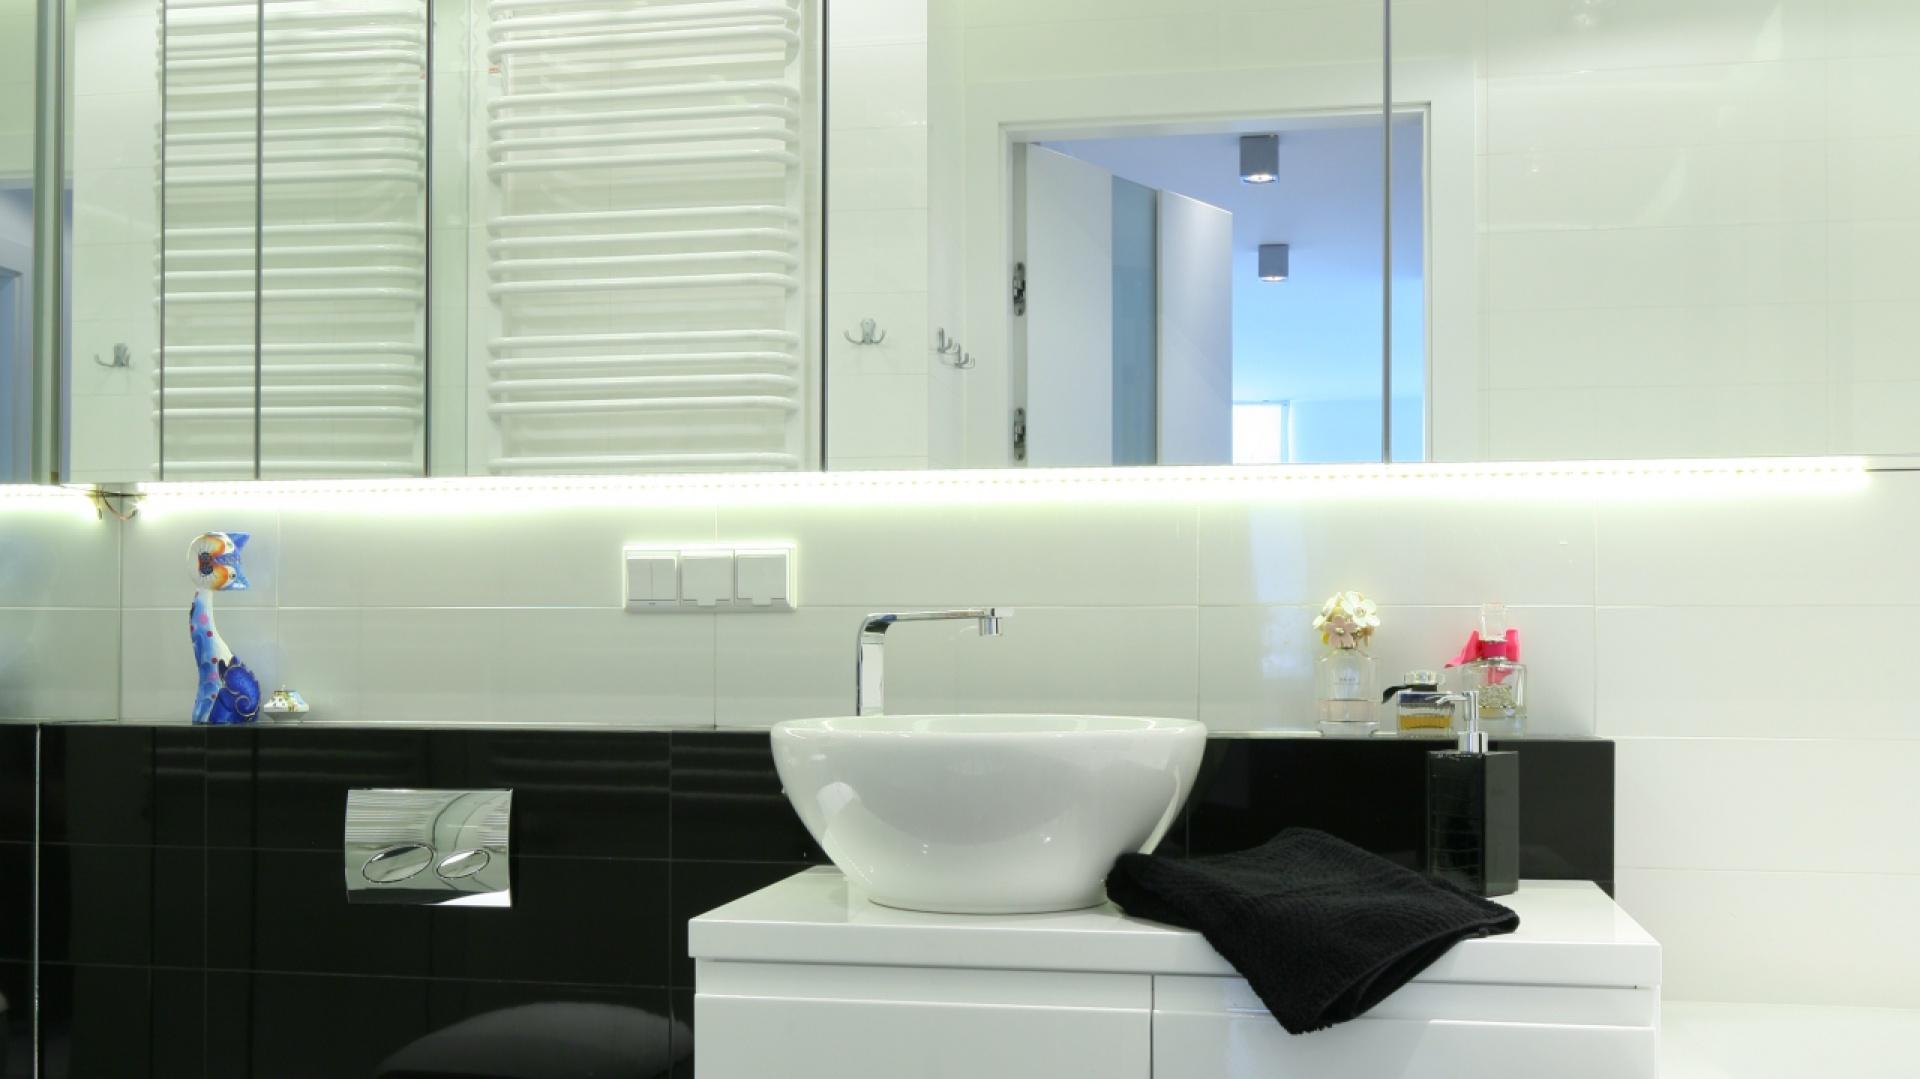 Mała łazienka Z Pralką Gotowy Projekt Na 6 Metrów